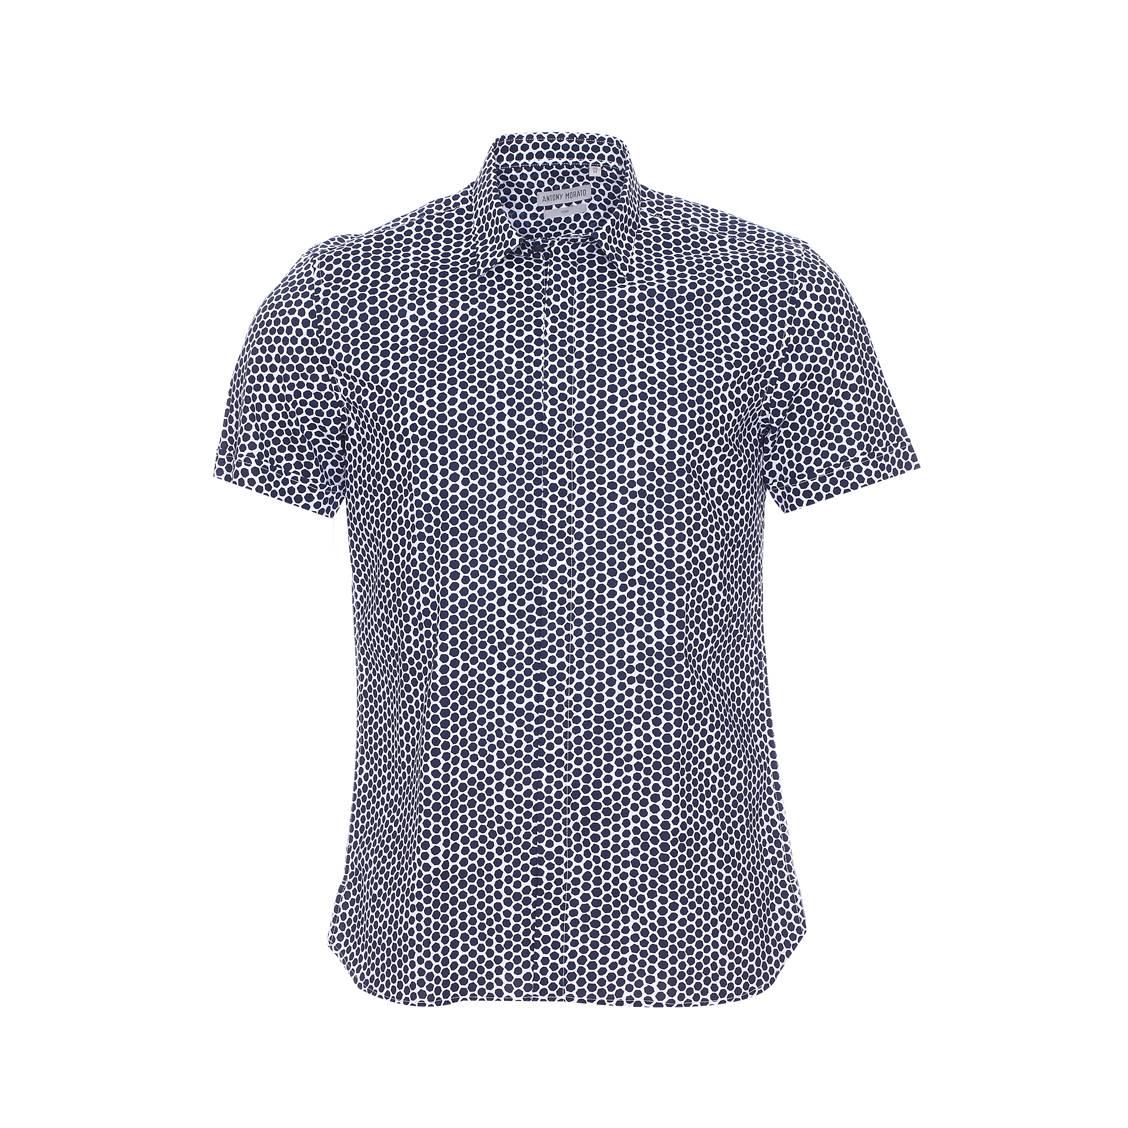 Chemise manches courtes  blanche à motifs hexagonaux bleu marine, coupe american fit